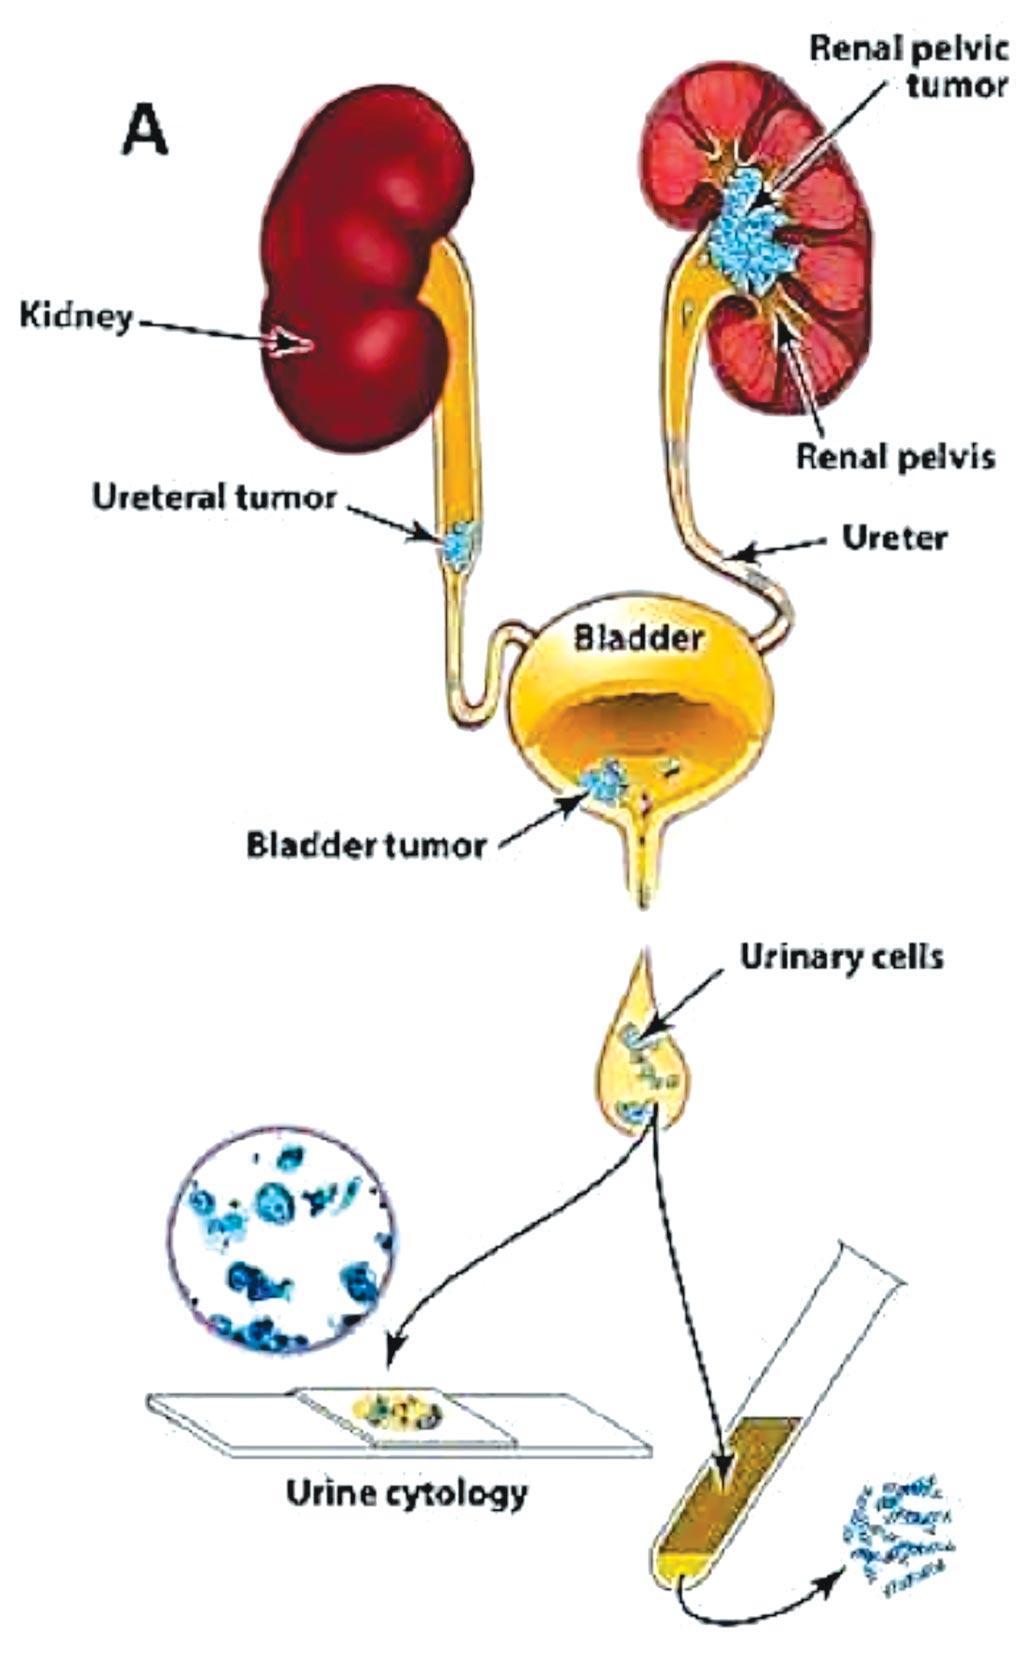 Диаграмма подхода, используемого для оценки клеток в моче; анализ UroSEEK предназначен для обнаружения уротелиальных новообразований, которые находятся в непосредственном контакте с мочой (фото любезно предоставлено Johns Hopkins Medicine).